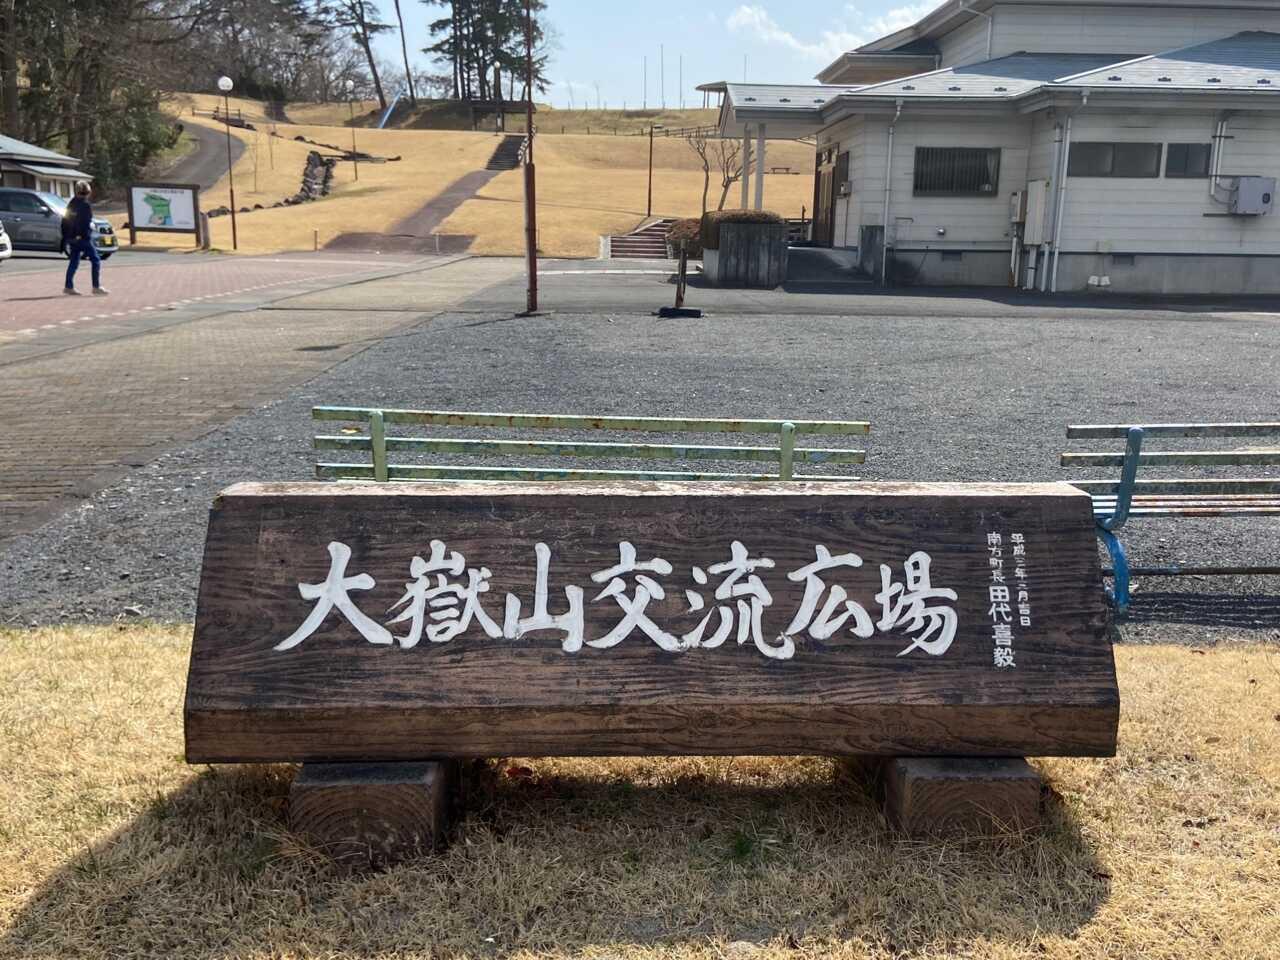 宮城県無料キャンプ場:大嶽山交流広場